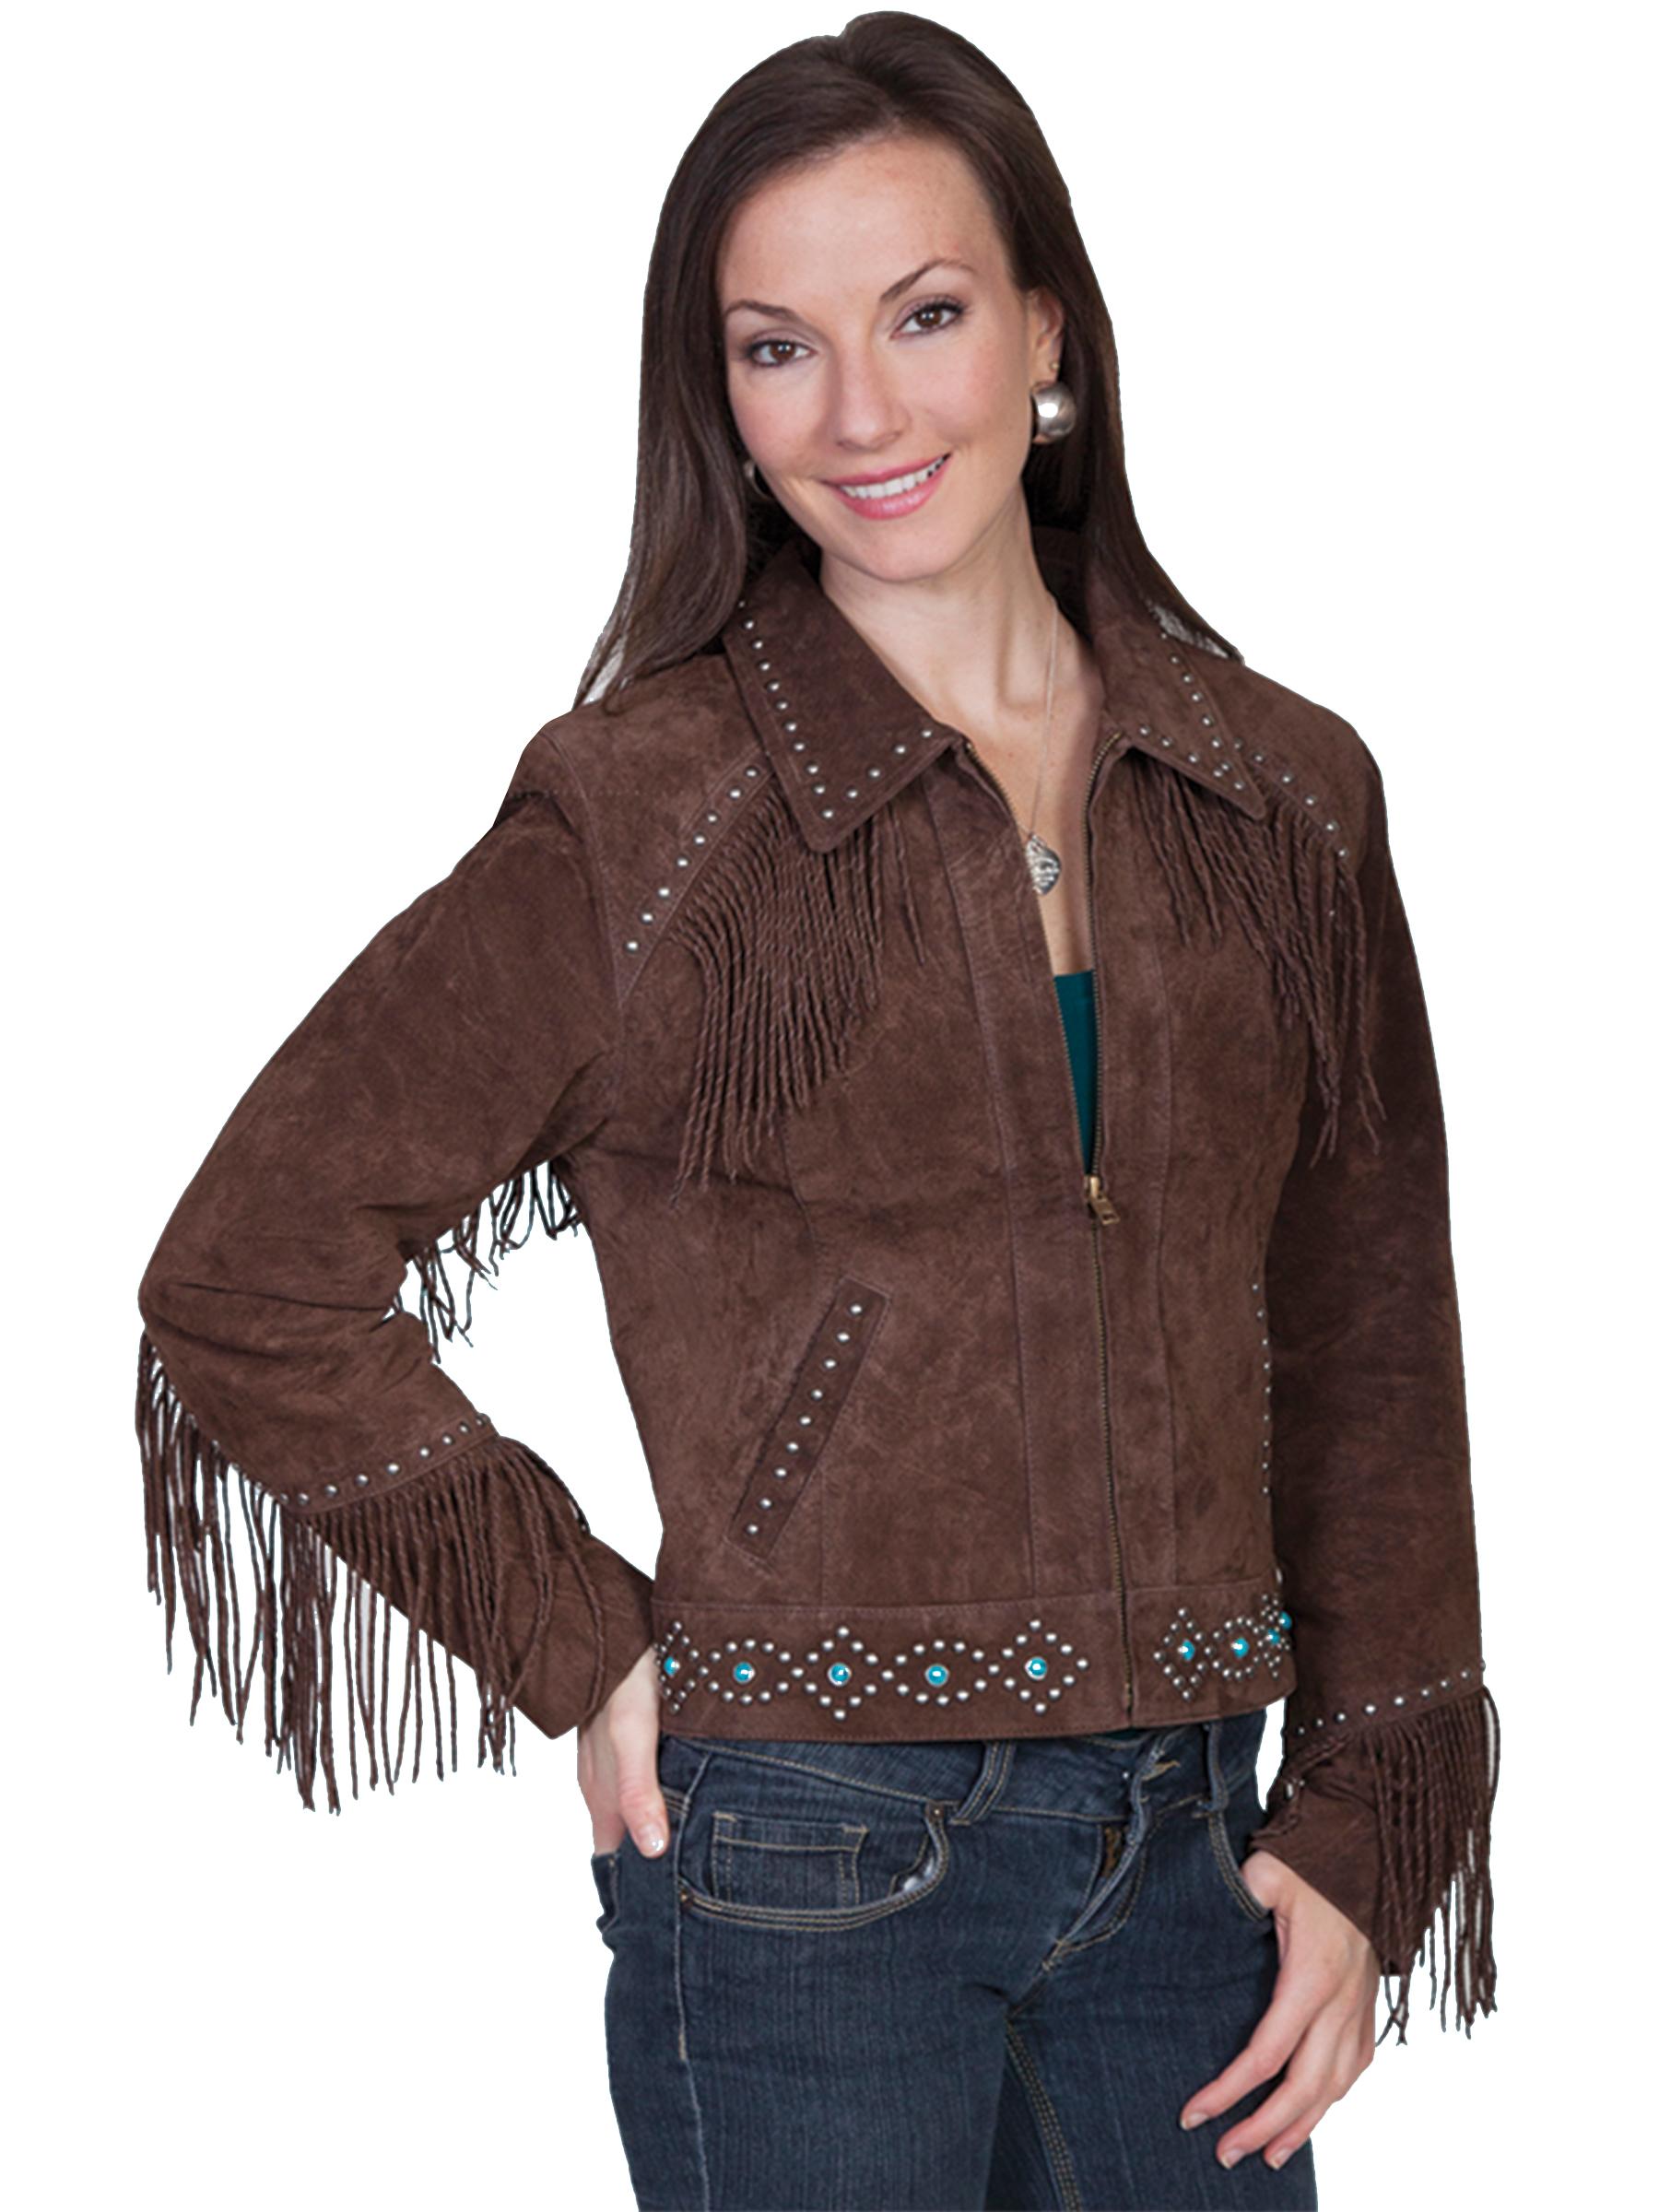 Studded fringe jacket